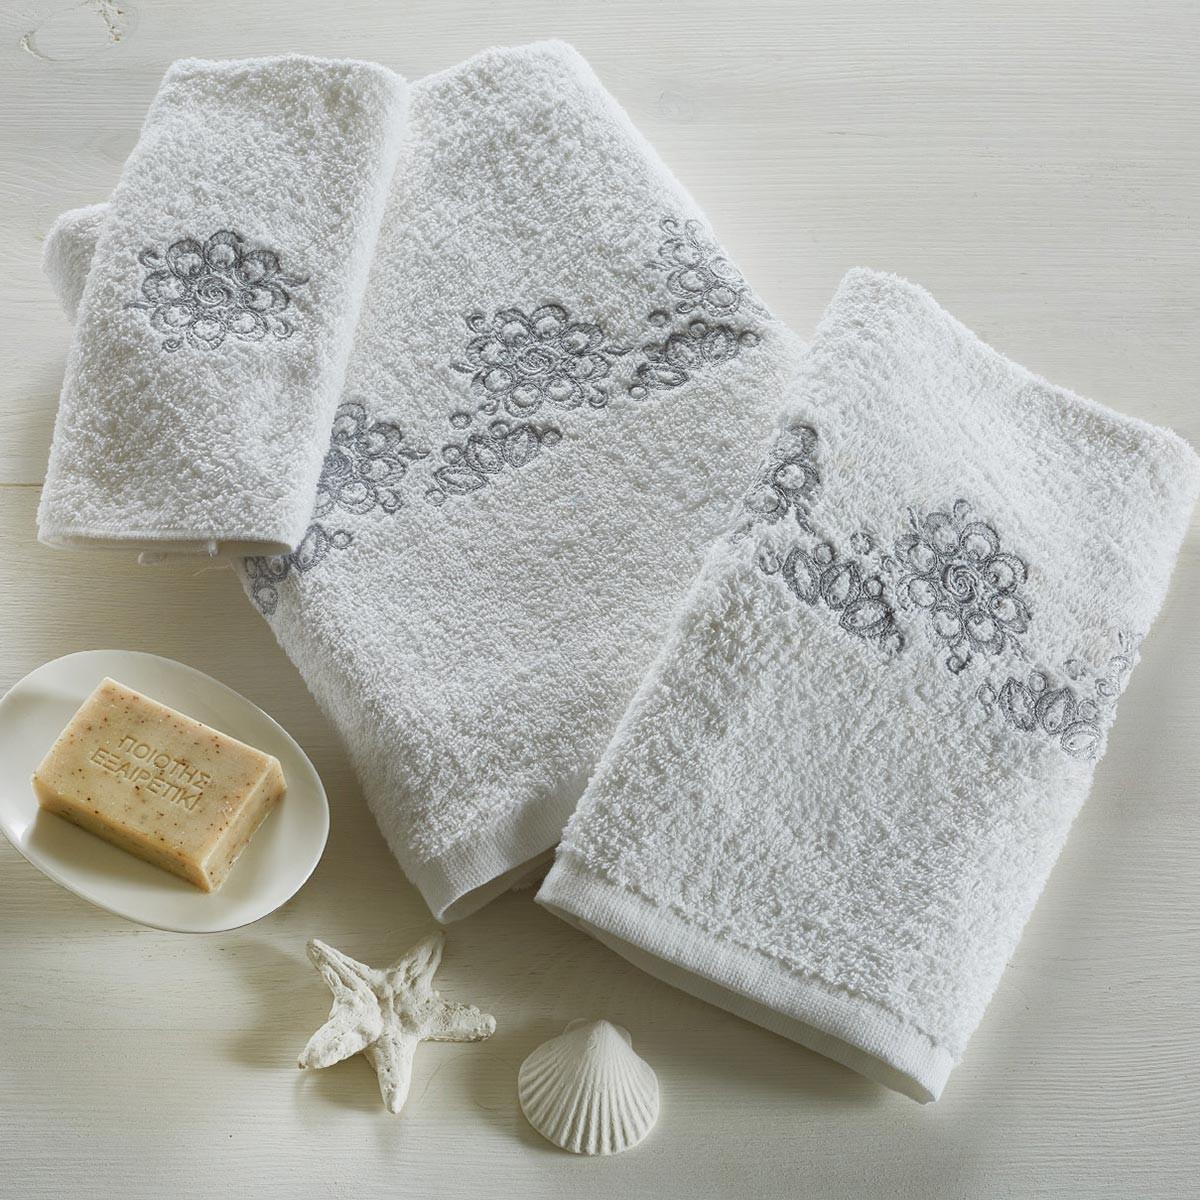 Πετσέτες Μπάνιου (Σετ 3τμχ) White Egg Χρυσούλα